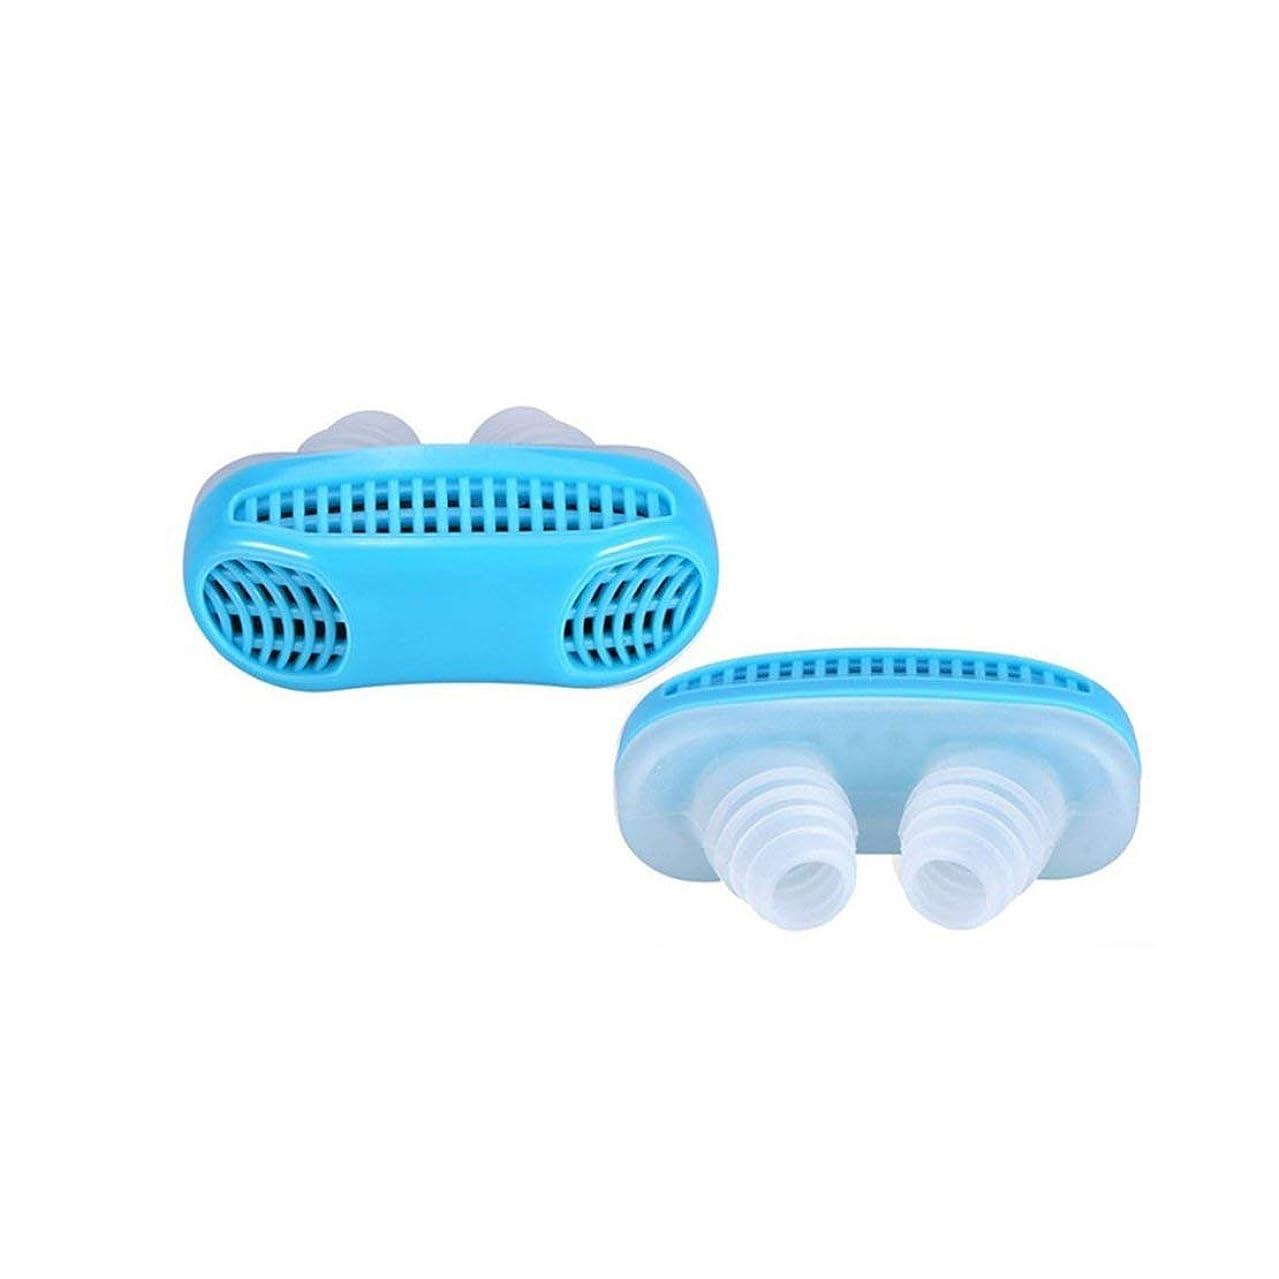 体操姓輝くアンチいびき最新の空気清浄機ミニ鼻停止いびき鼻呼吸鼻呼吸器睡眠補助空気汚染回避 (PandaWelly)